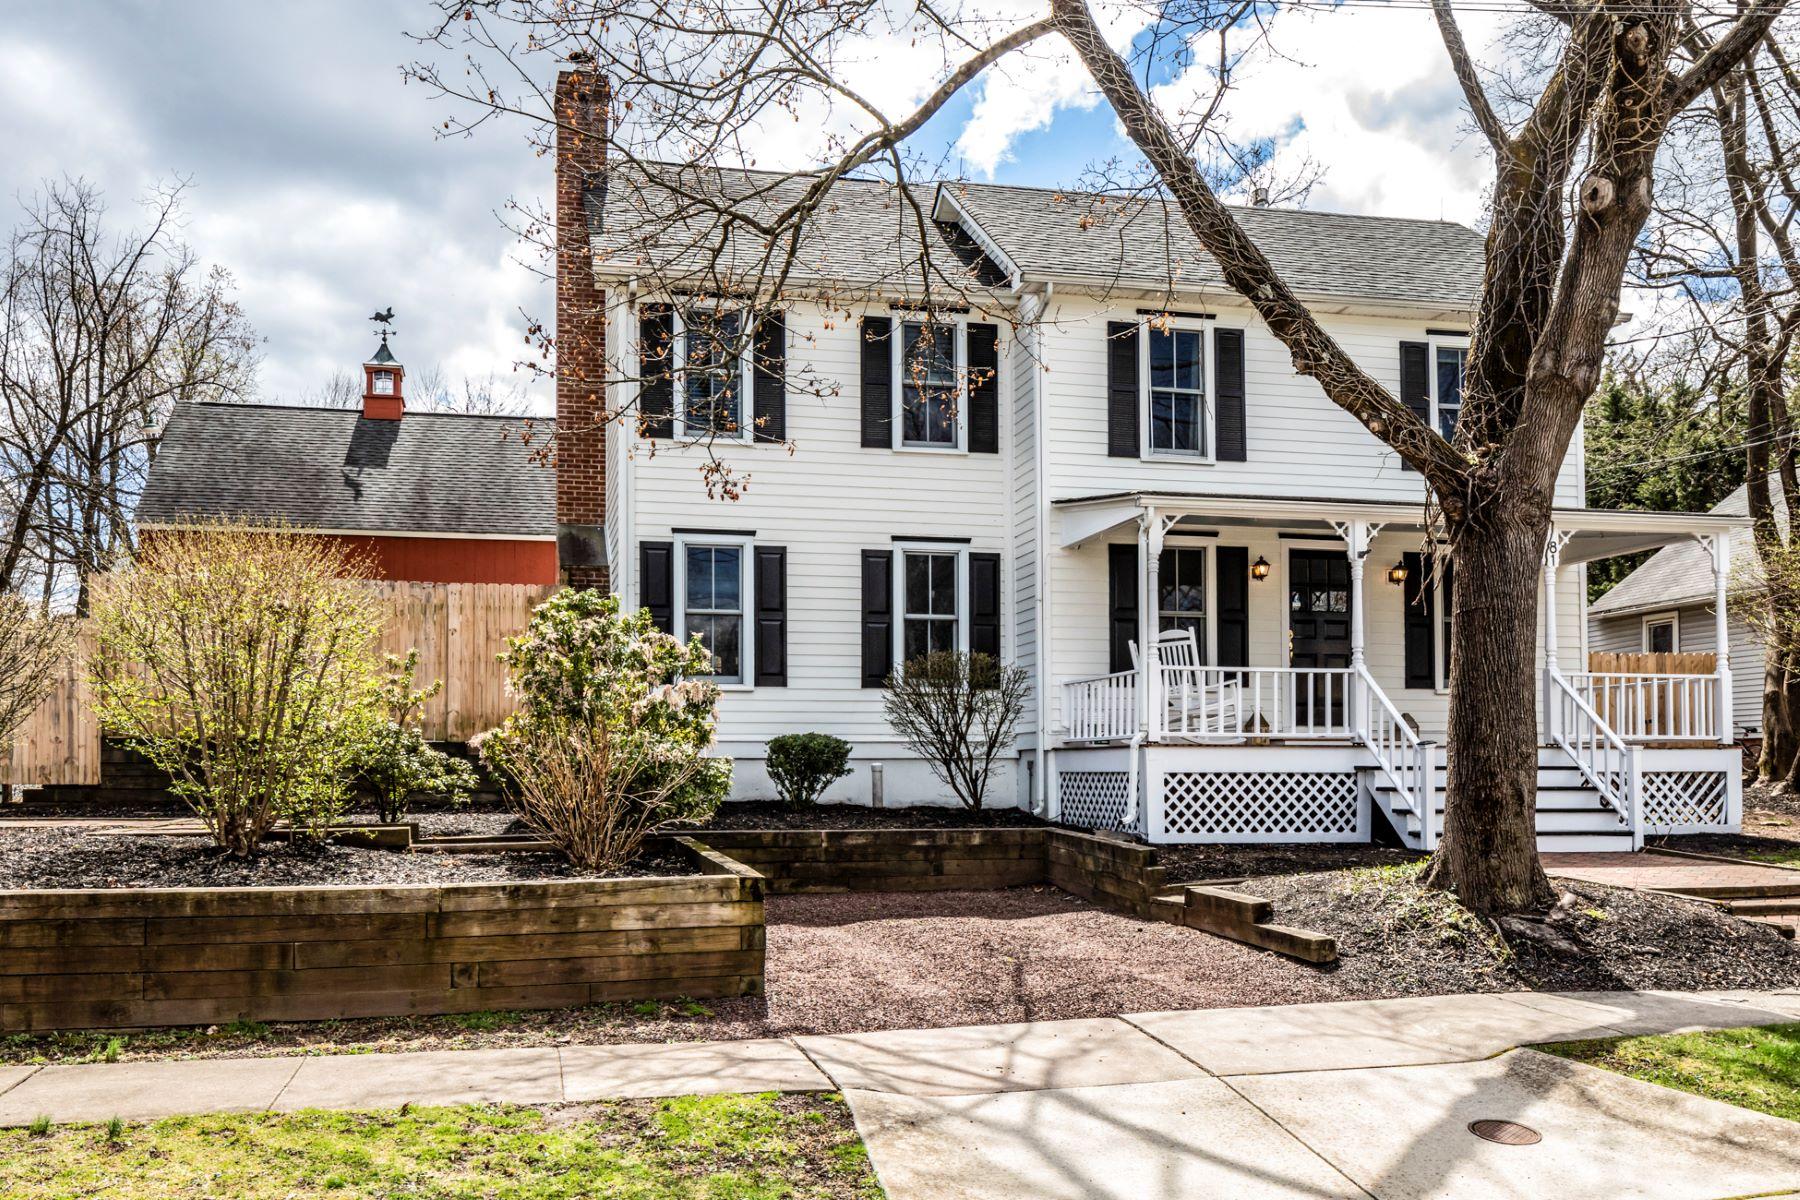 Maison unifamiliale pour l Vente à A Rare Find In The Borough! 81 Columbia Avenue, Hopewell, New Jersey 08525 États-UnisDans/Autour: Hopewell Borough